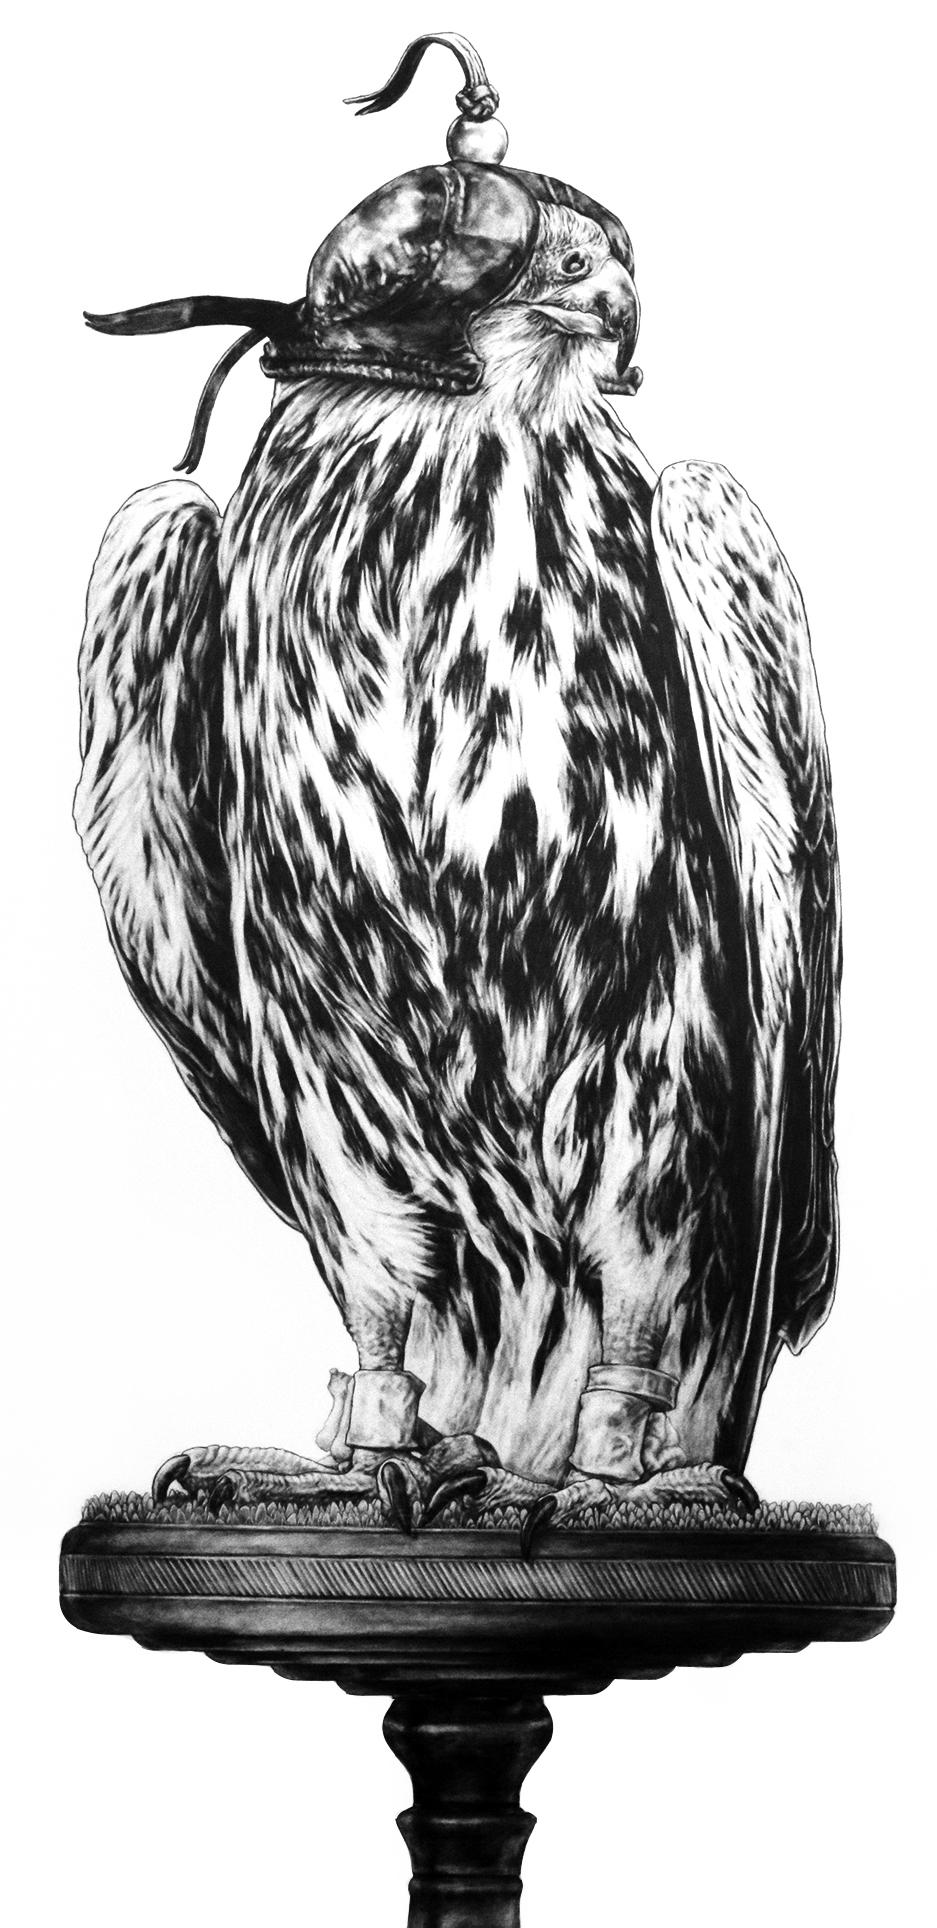 Falcon .   2017. Graphite on Fabriano Artistico 300 GSM Paper. 140 x 120 cm.